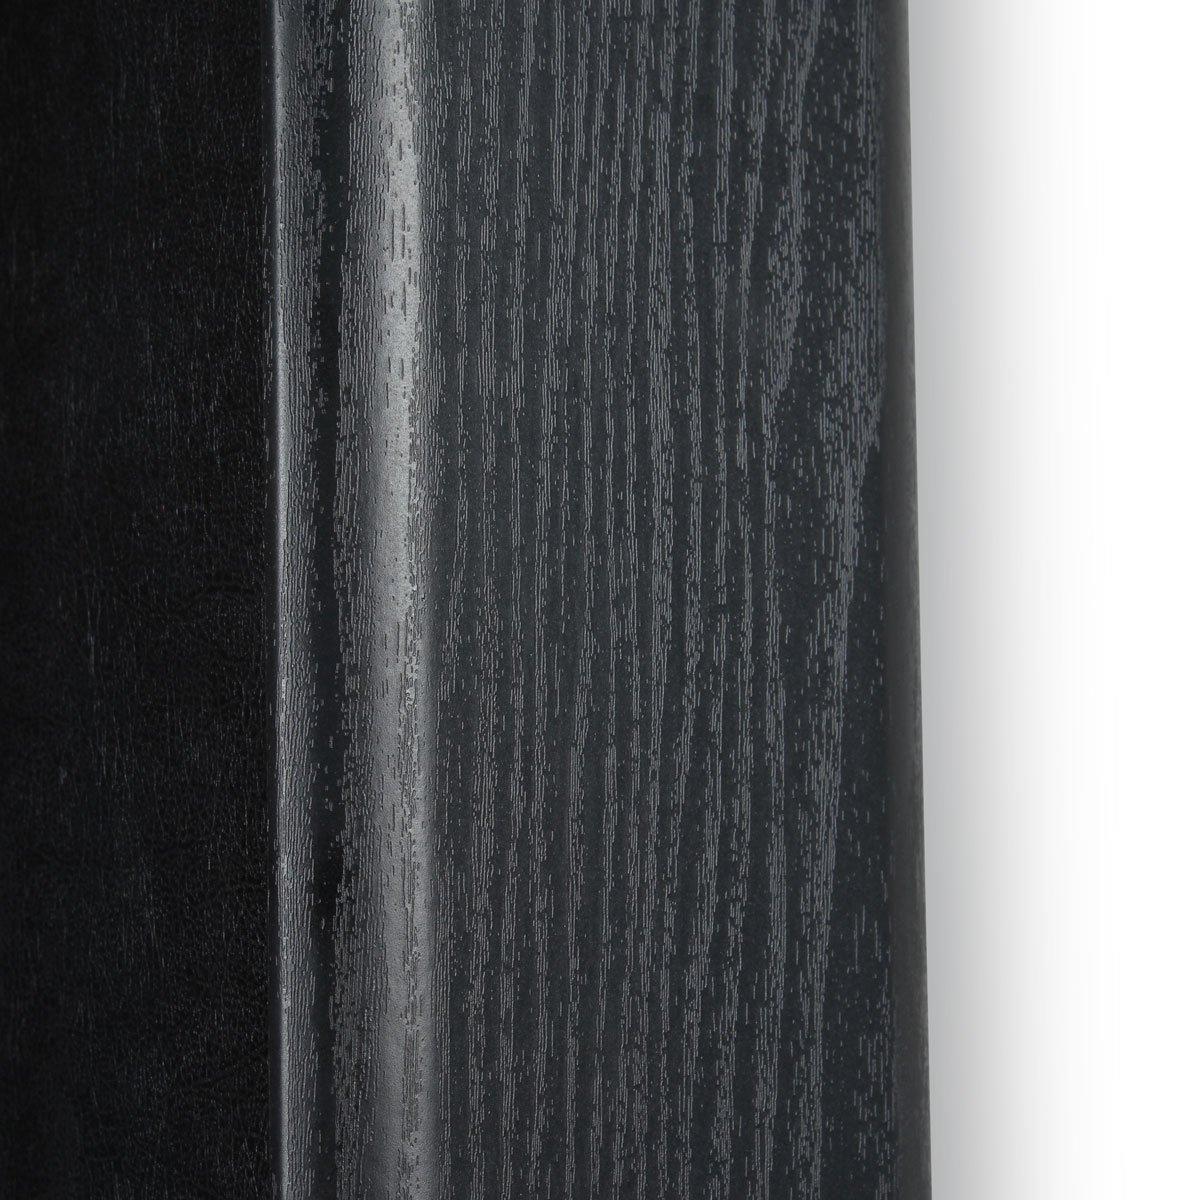 /1/Coppia MDF Box supporto in 2/temi e alti a scelta/ /Ideale per scatole con legno parete Minify BS-S8/